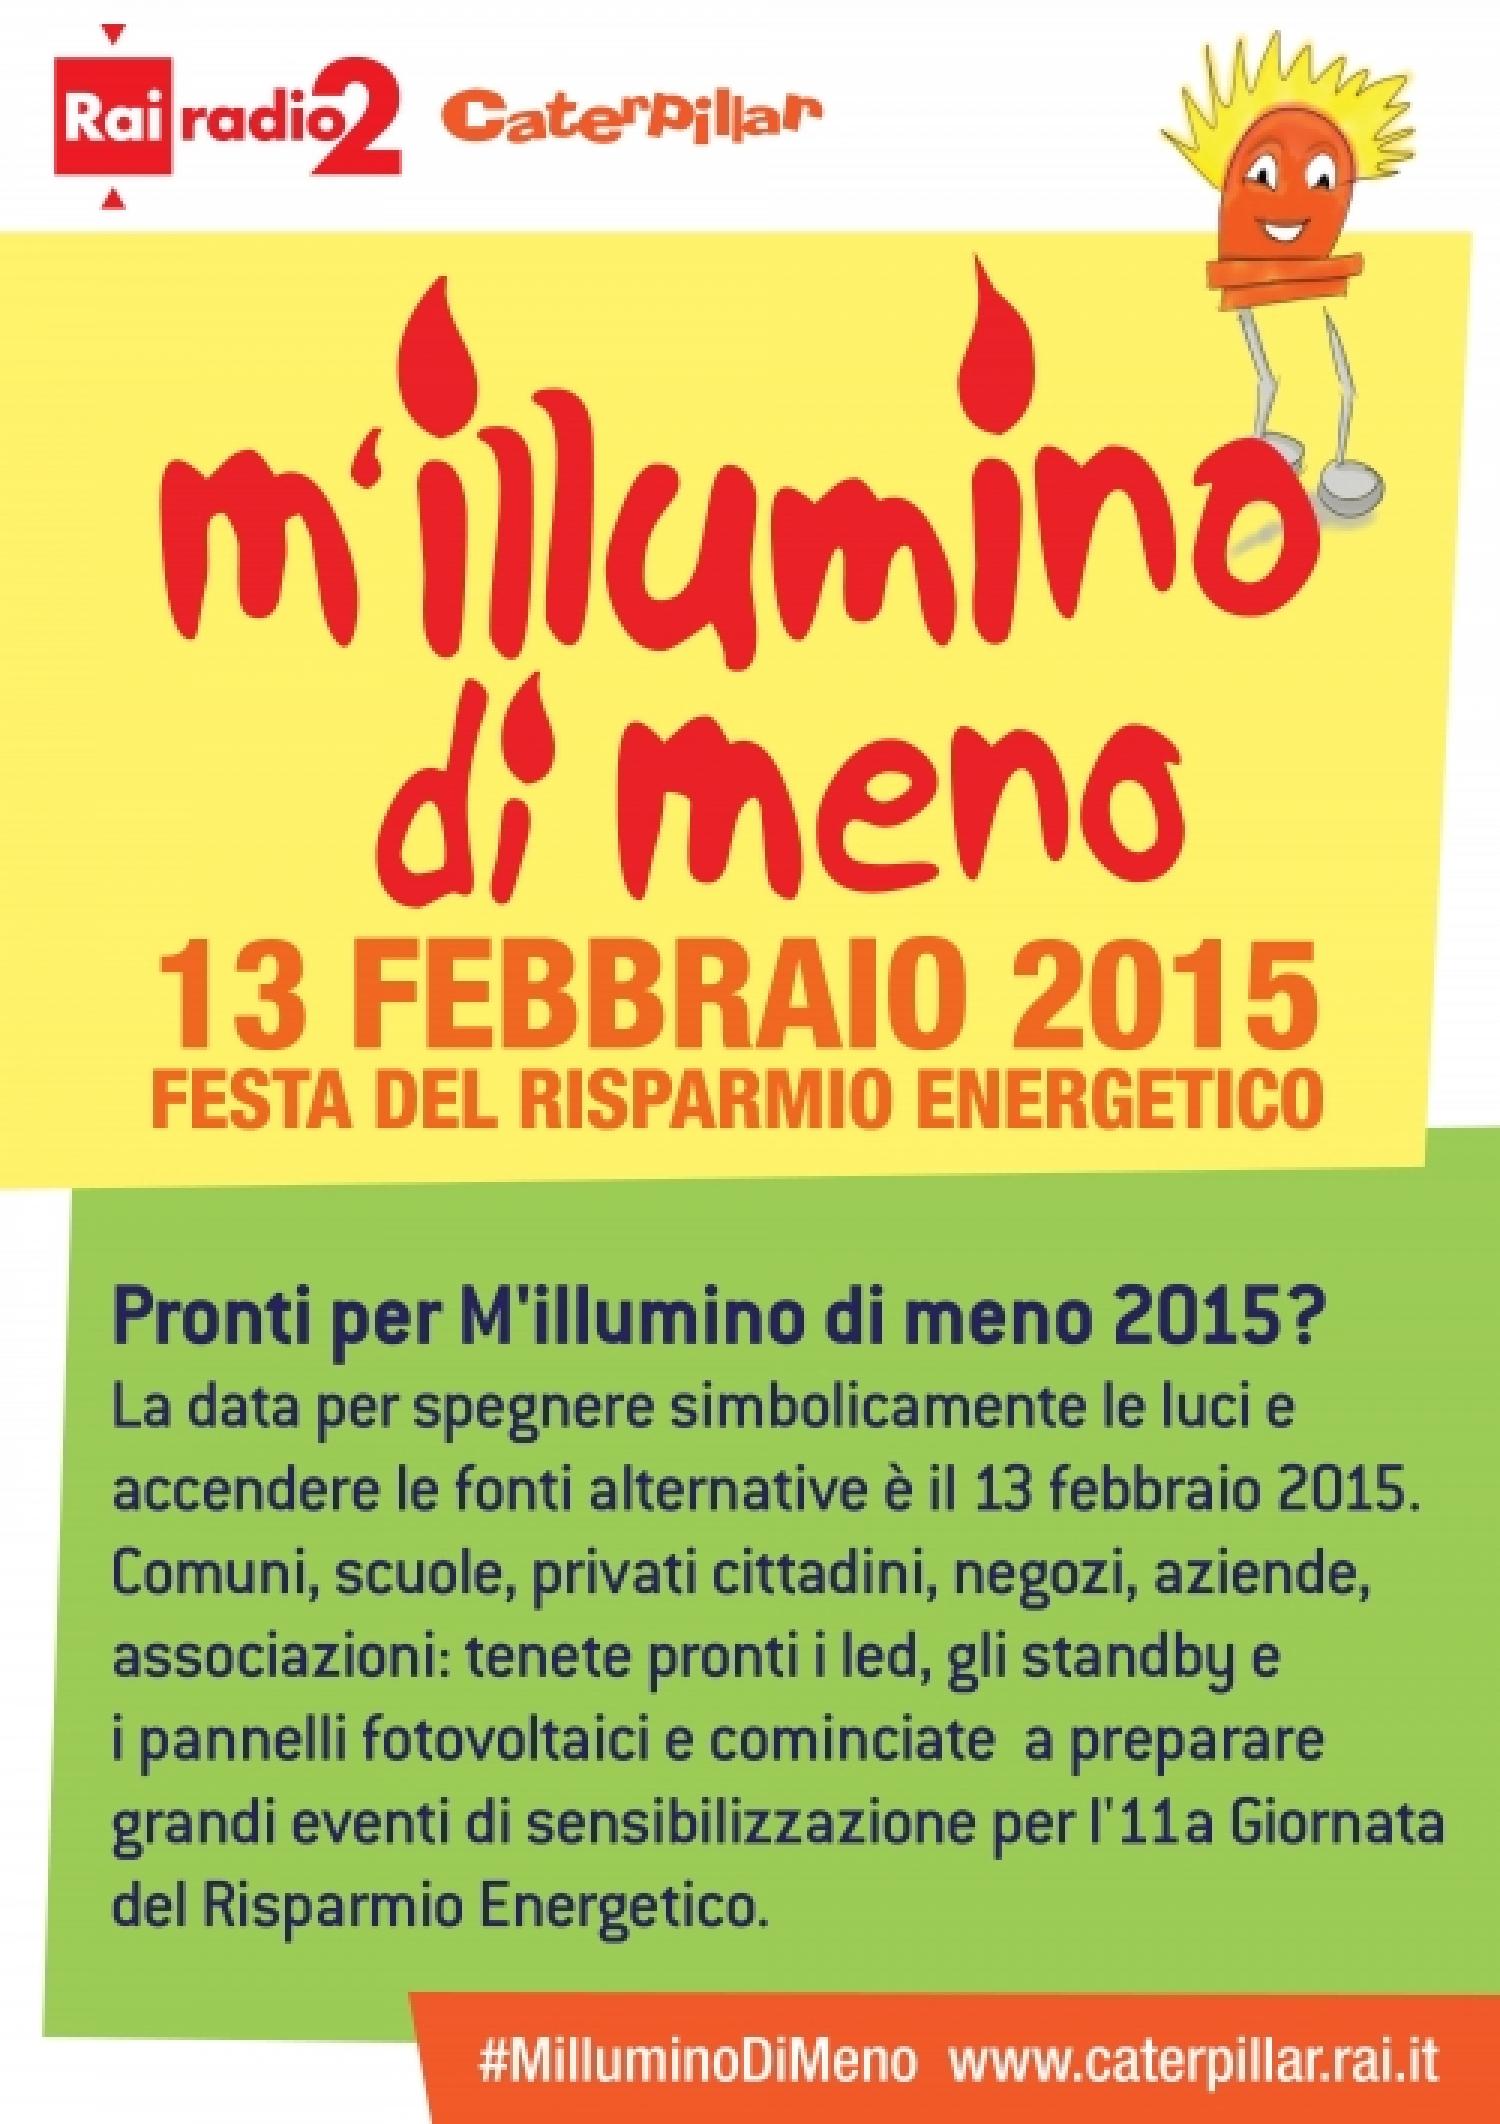 locandina-millumino-2015.jpg